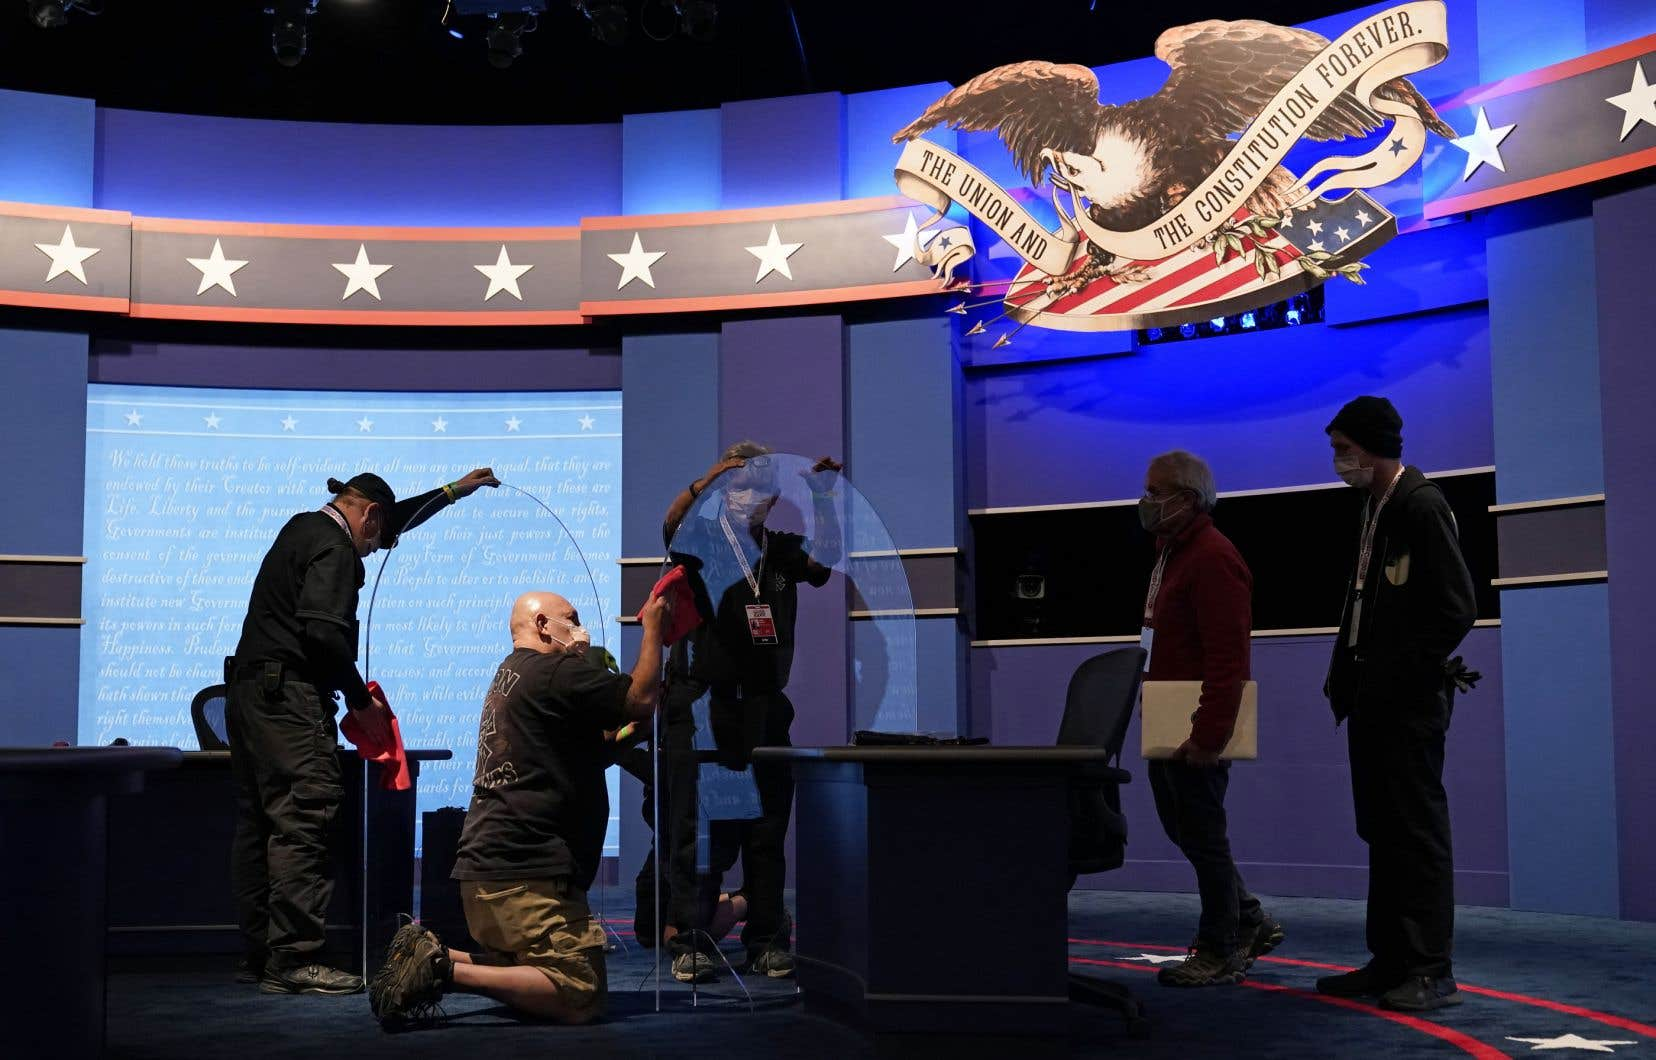 Préparatifs sur le plateau où se déroulera le débat entre Mike Pence et Kamala Harris à Salt Lake City, dans l'Utah.